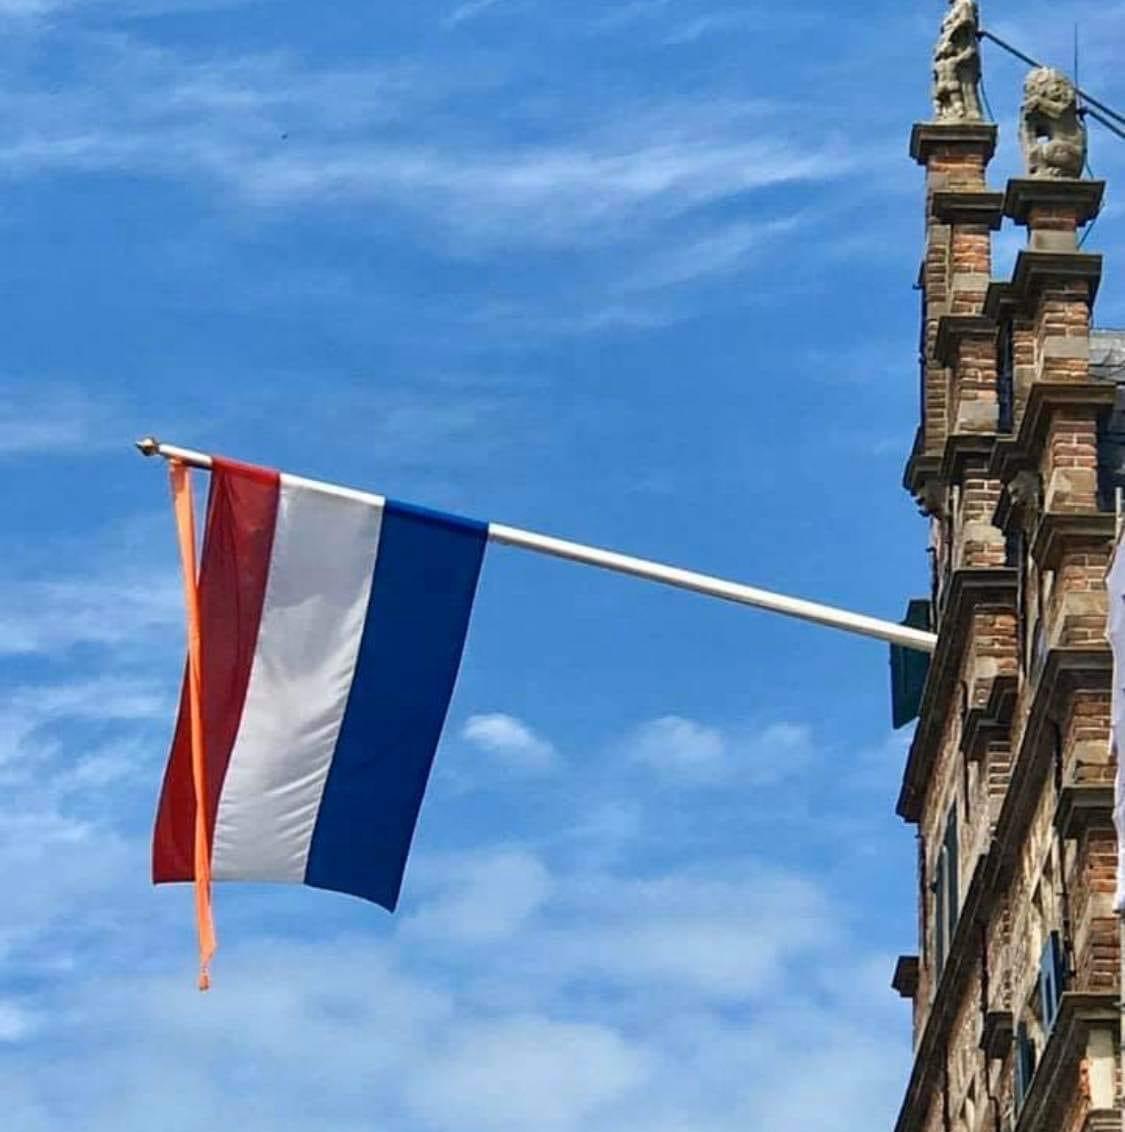 Beroering over ontbreken vlag stadhuis Naarden en kerken; gebouwen niet veilig bevonden voor uithangen nationale driekleur